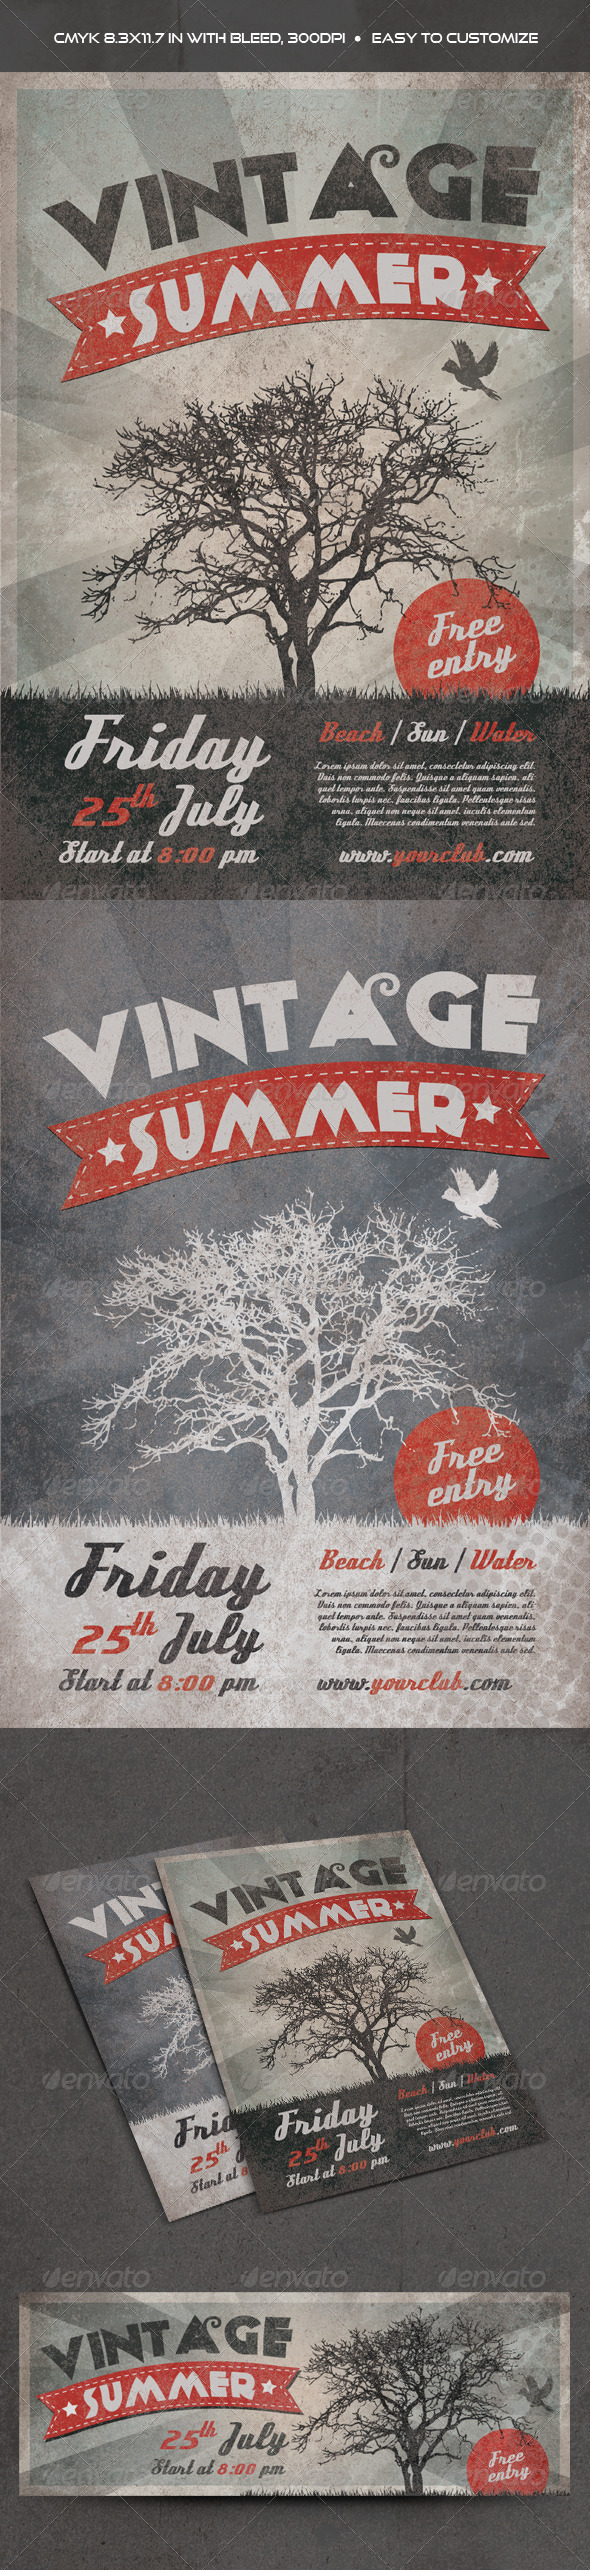 GraphicRiver Vintage Summer Flyer 7758159